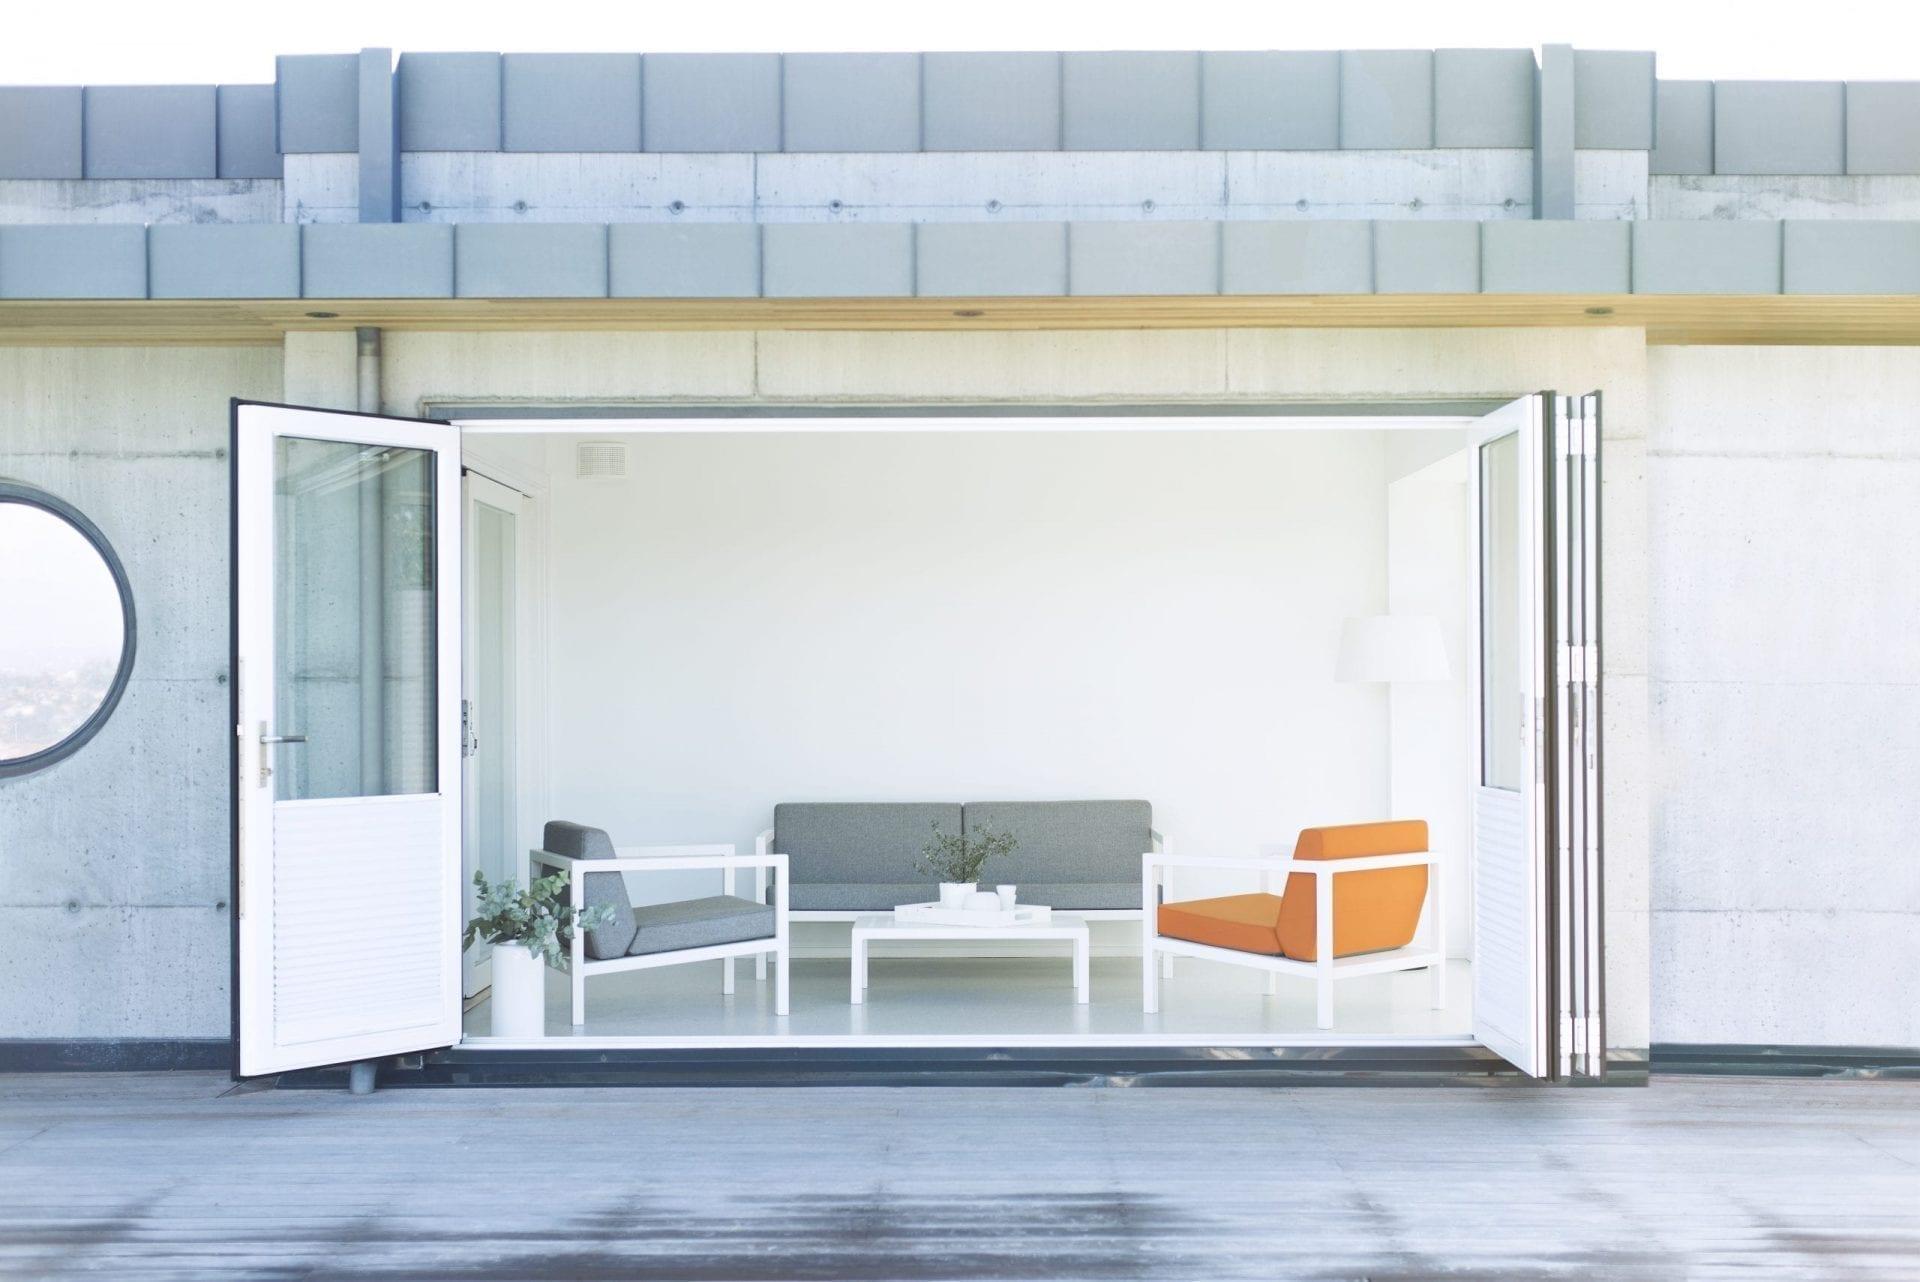 Stort utvalg av merker fra Fine Design, hagemøbler, utemøbler, balkongmøbler og terrassemøbler